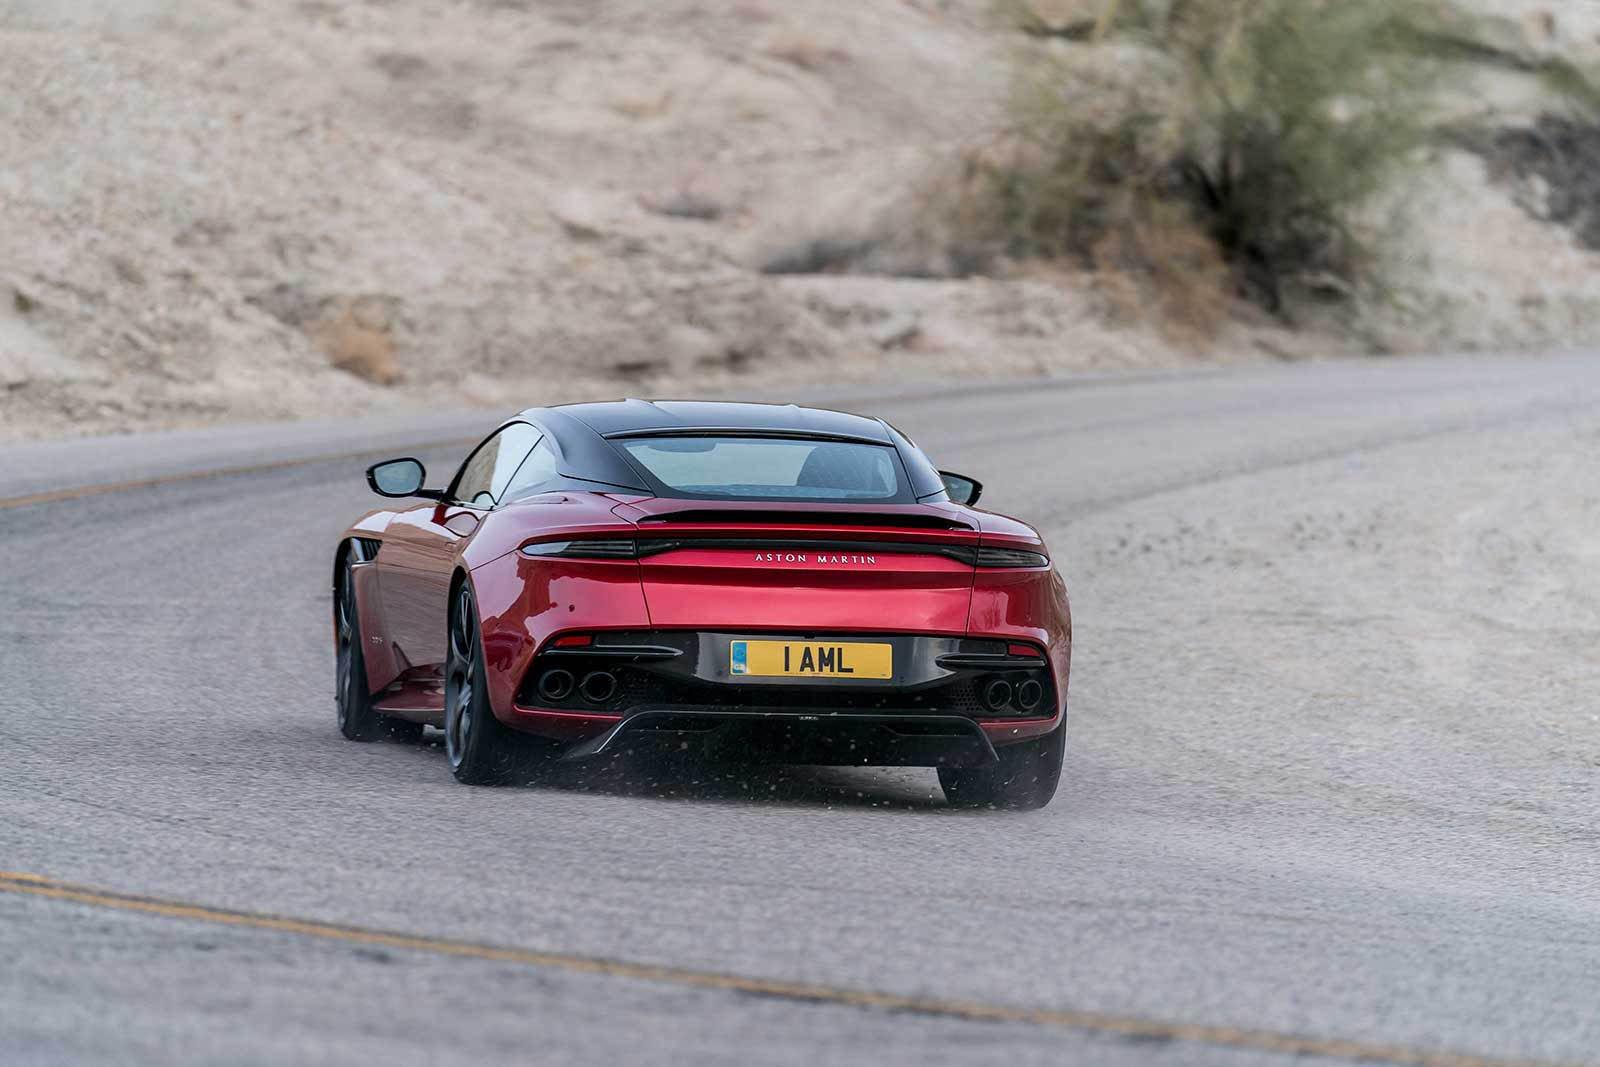 Aston Martin DBS Superleggera 2019 (7)